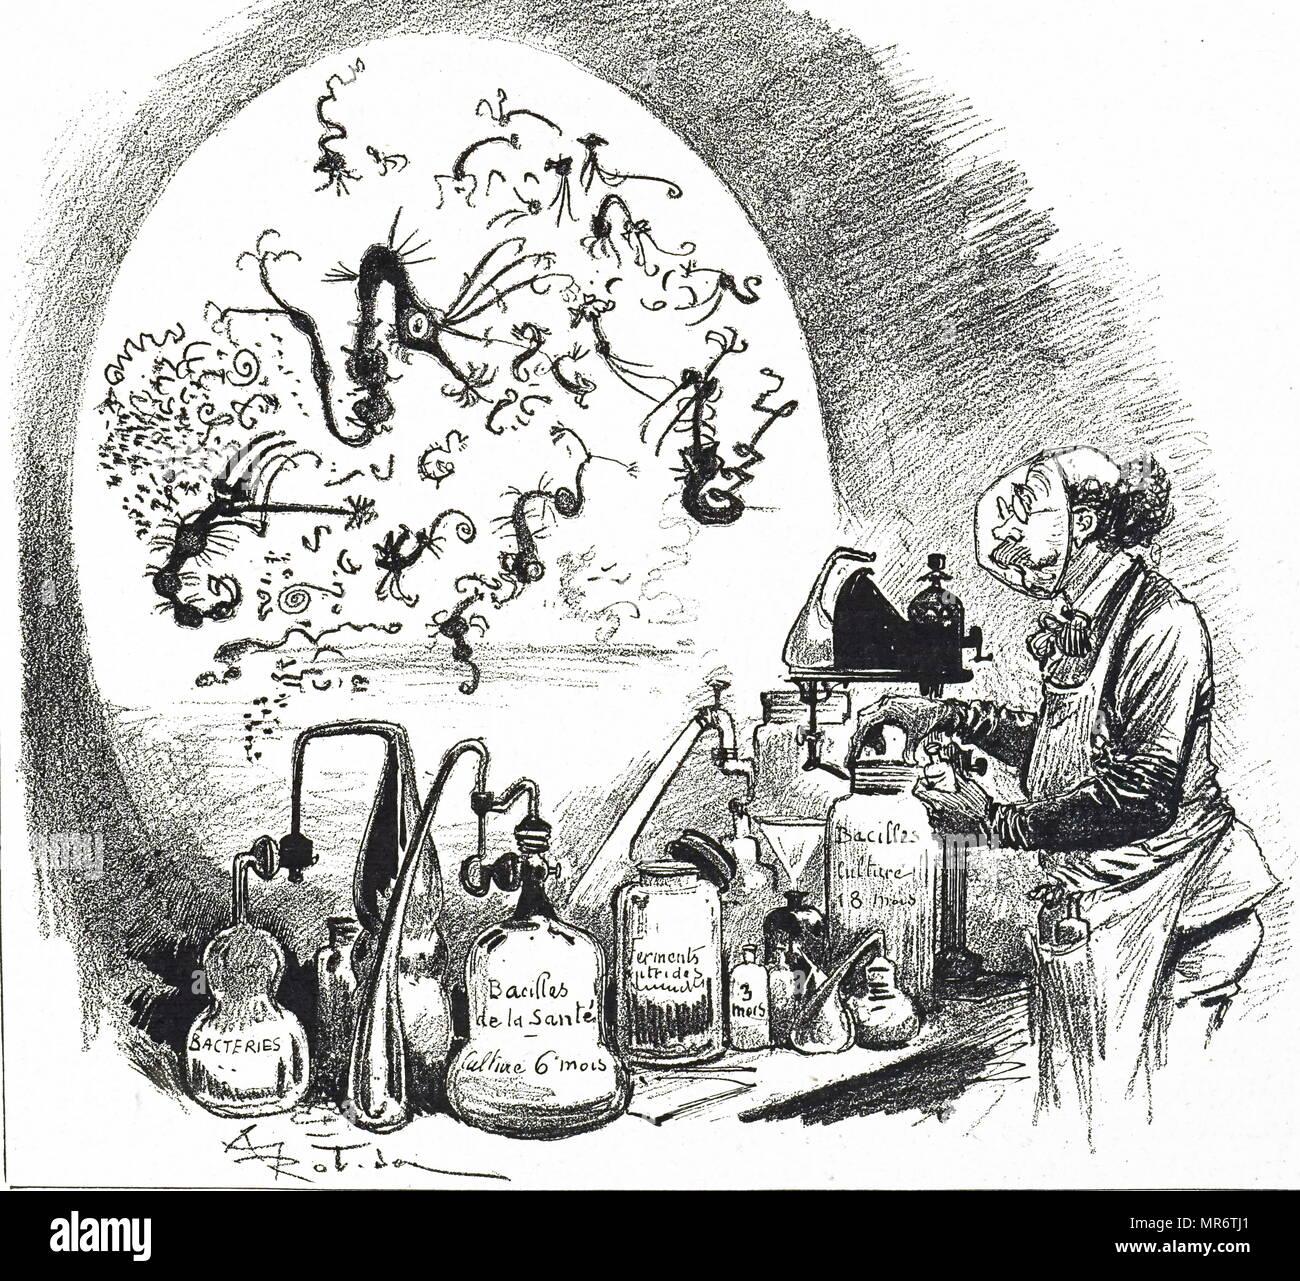 Cartoon raffigurante un ingegnere biologico nel suo laboratorio . Datata del XIX secolo Immagini Stock